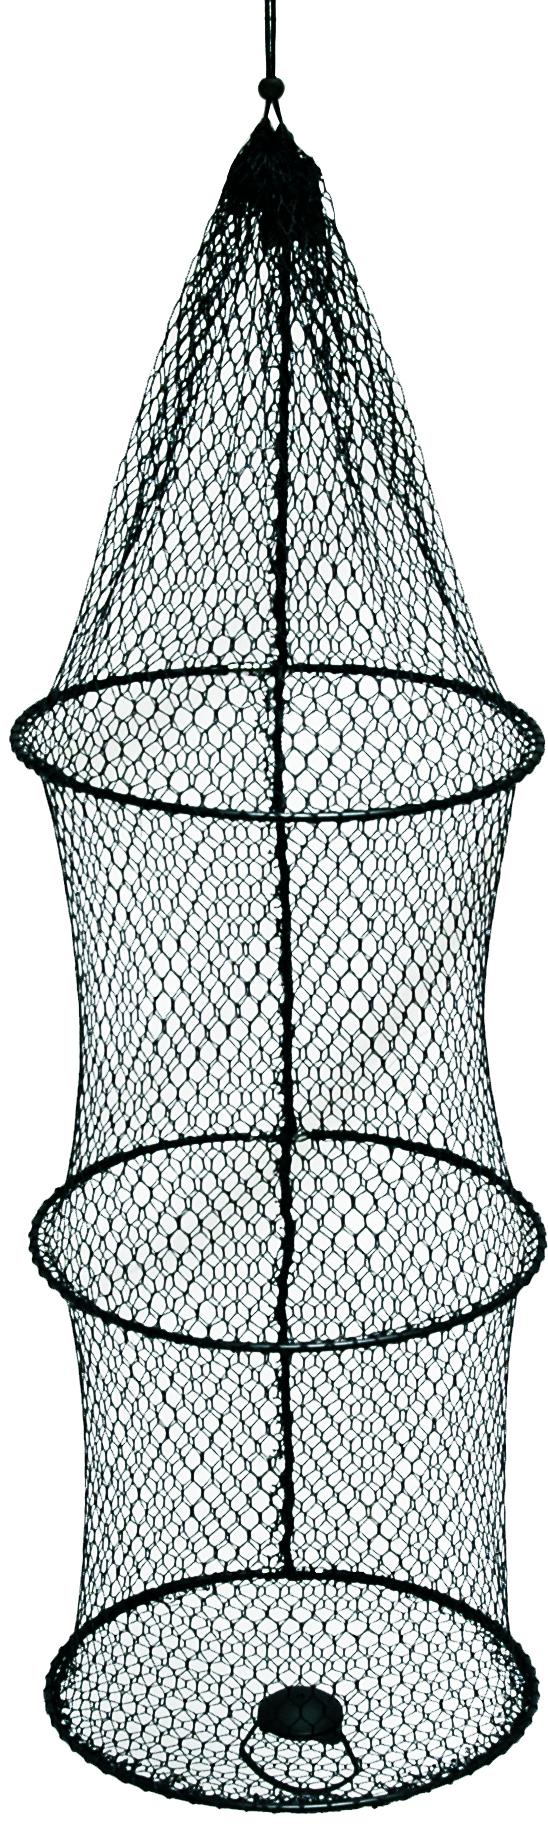 Vezírek oko 15 mm průměr/délka vezírku: 30/60 cm, počet kruhů: 3 kruhy